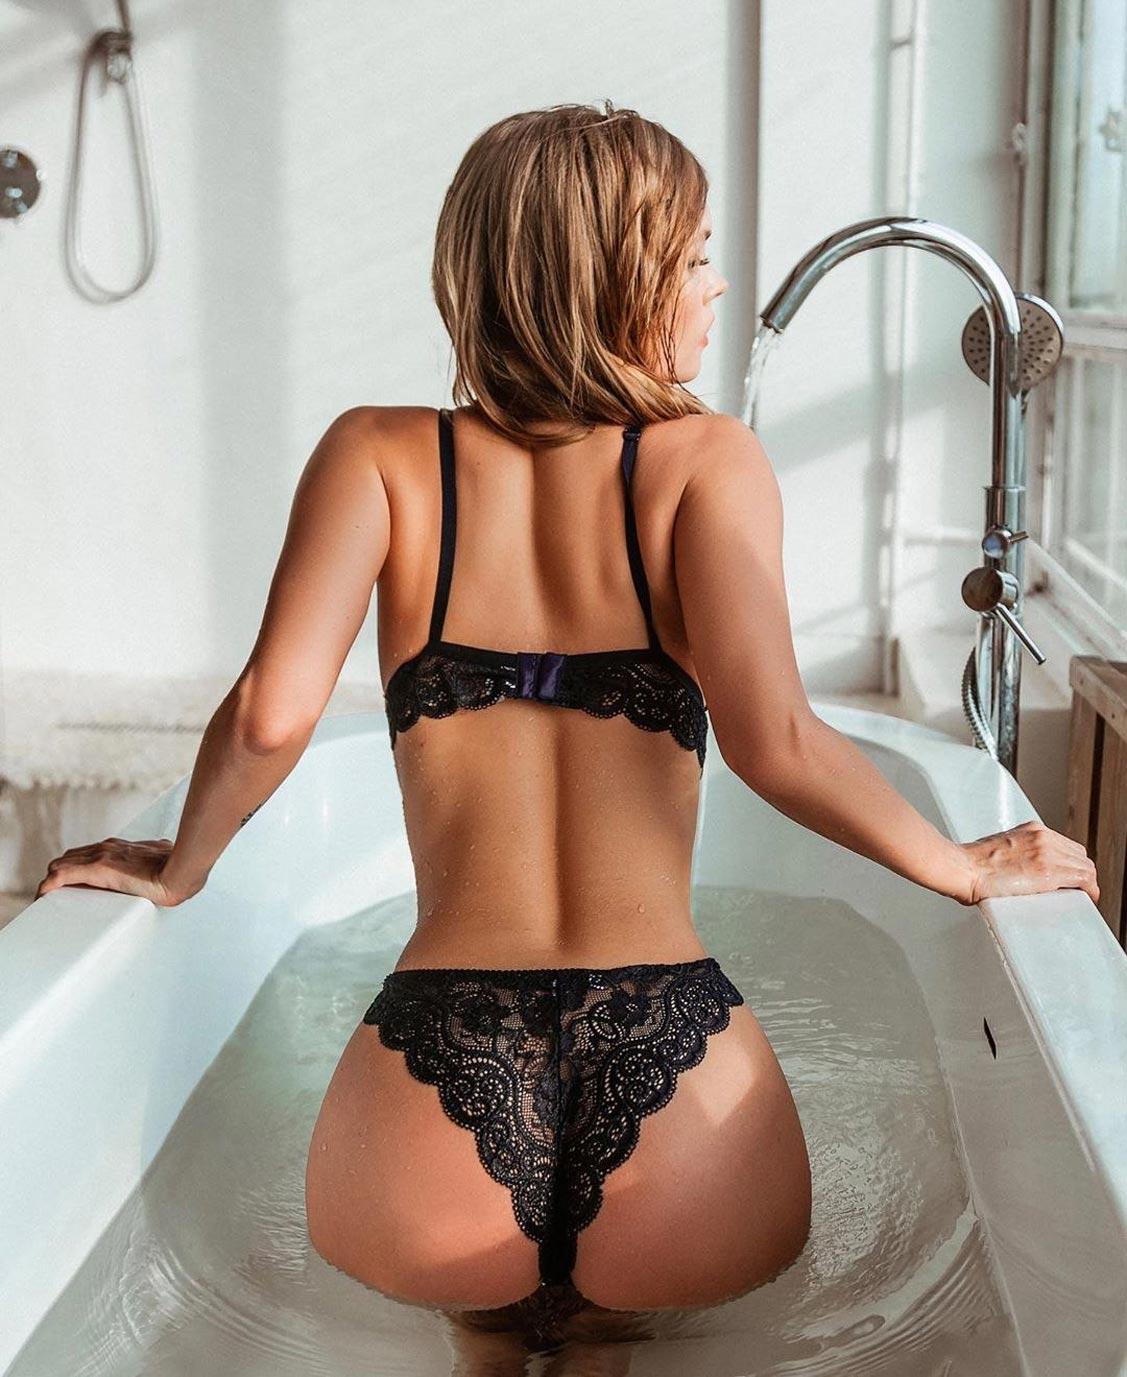 Анастасия Щеглова в нижнем белье торговой марки MissX / фото 27